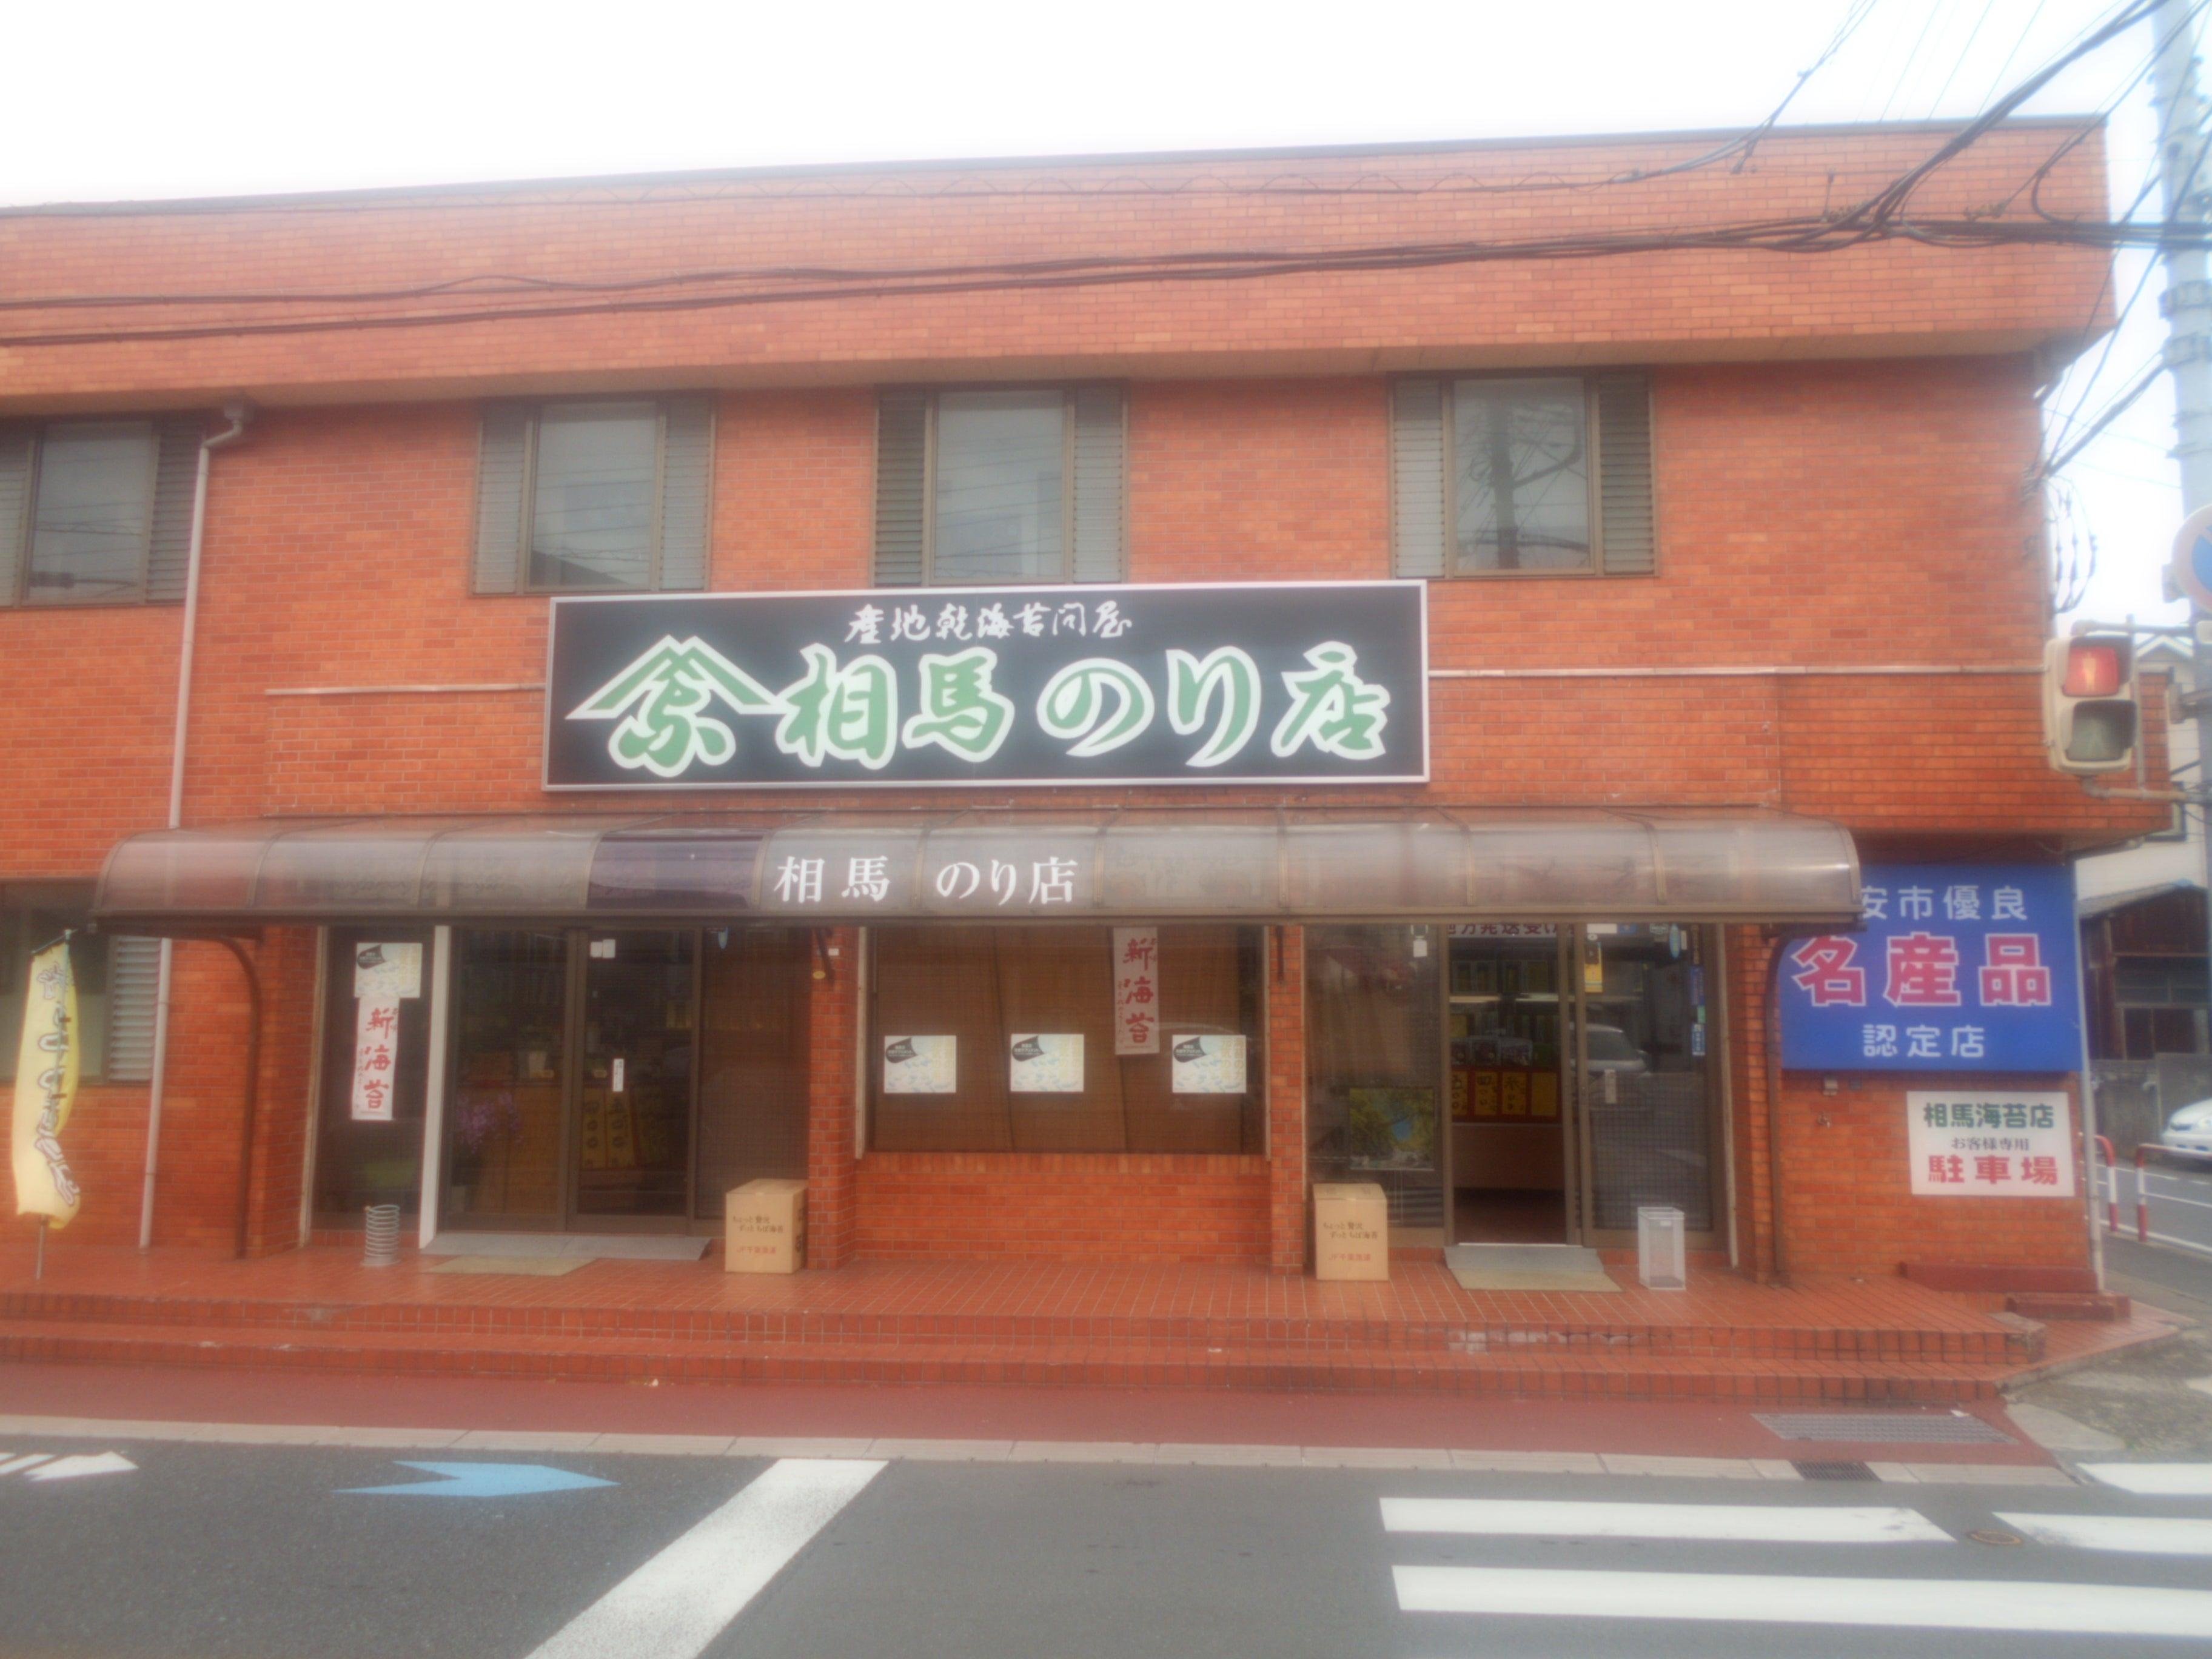 「アクセス・ブライダル」 ~結婚への道案内~   「浦安市」と「中央区日本橋」の「結婚相談所」「同じ状態」で幸福と不幸に分れる。